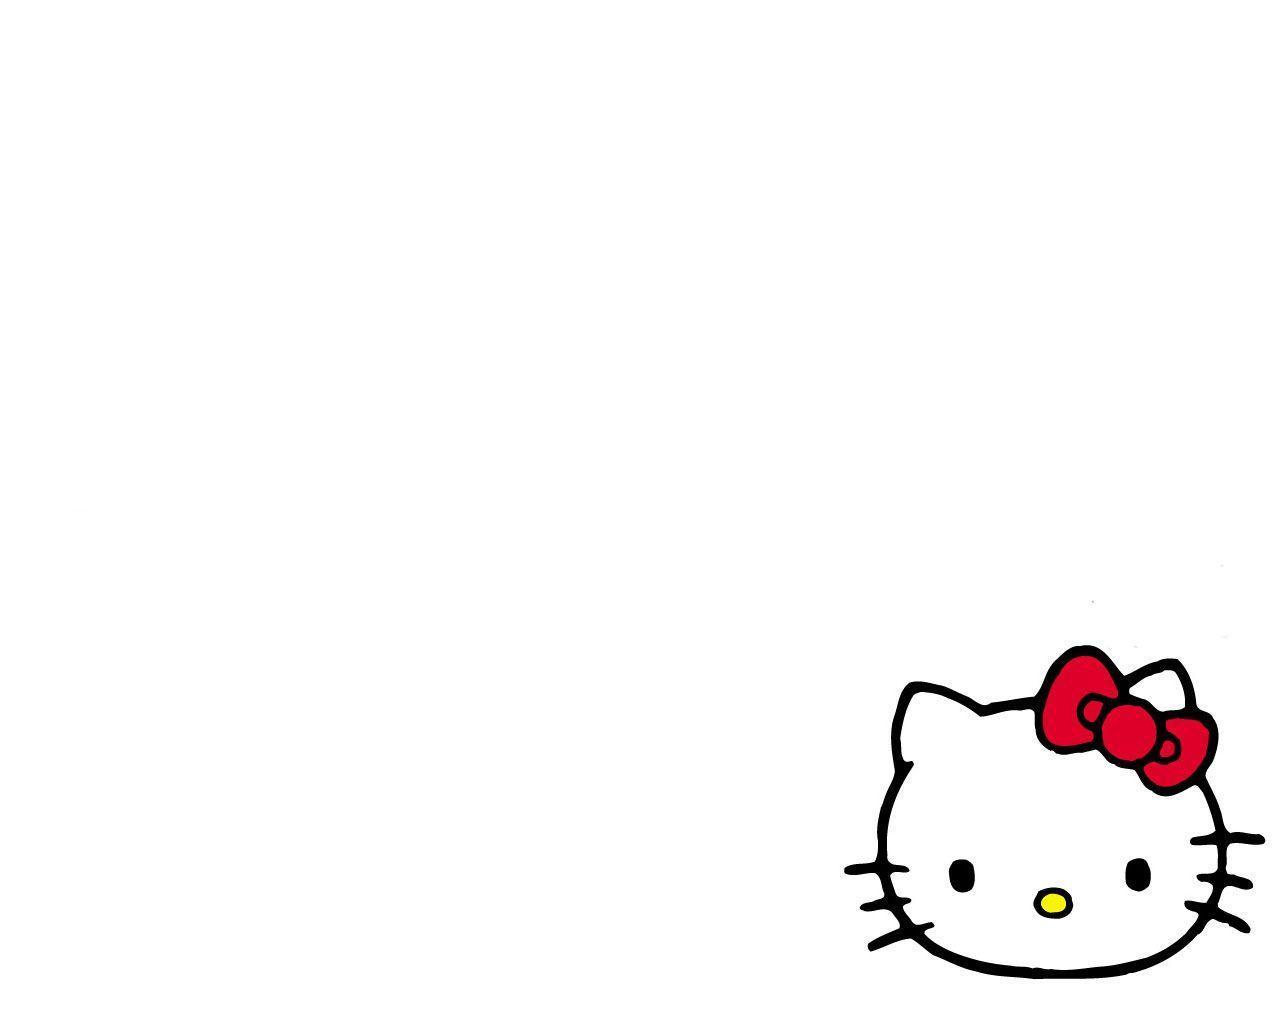 Cool Wallpaper Hello Kitty Desktop Background - 5VAajI7  Pictures_23842.jpg